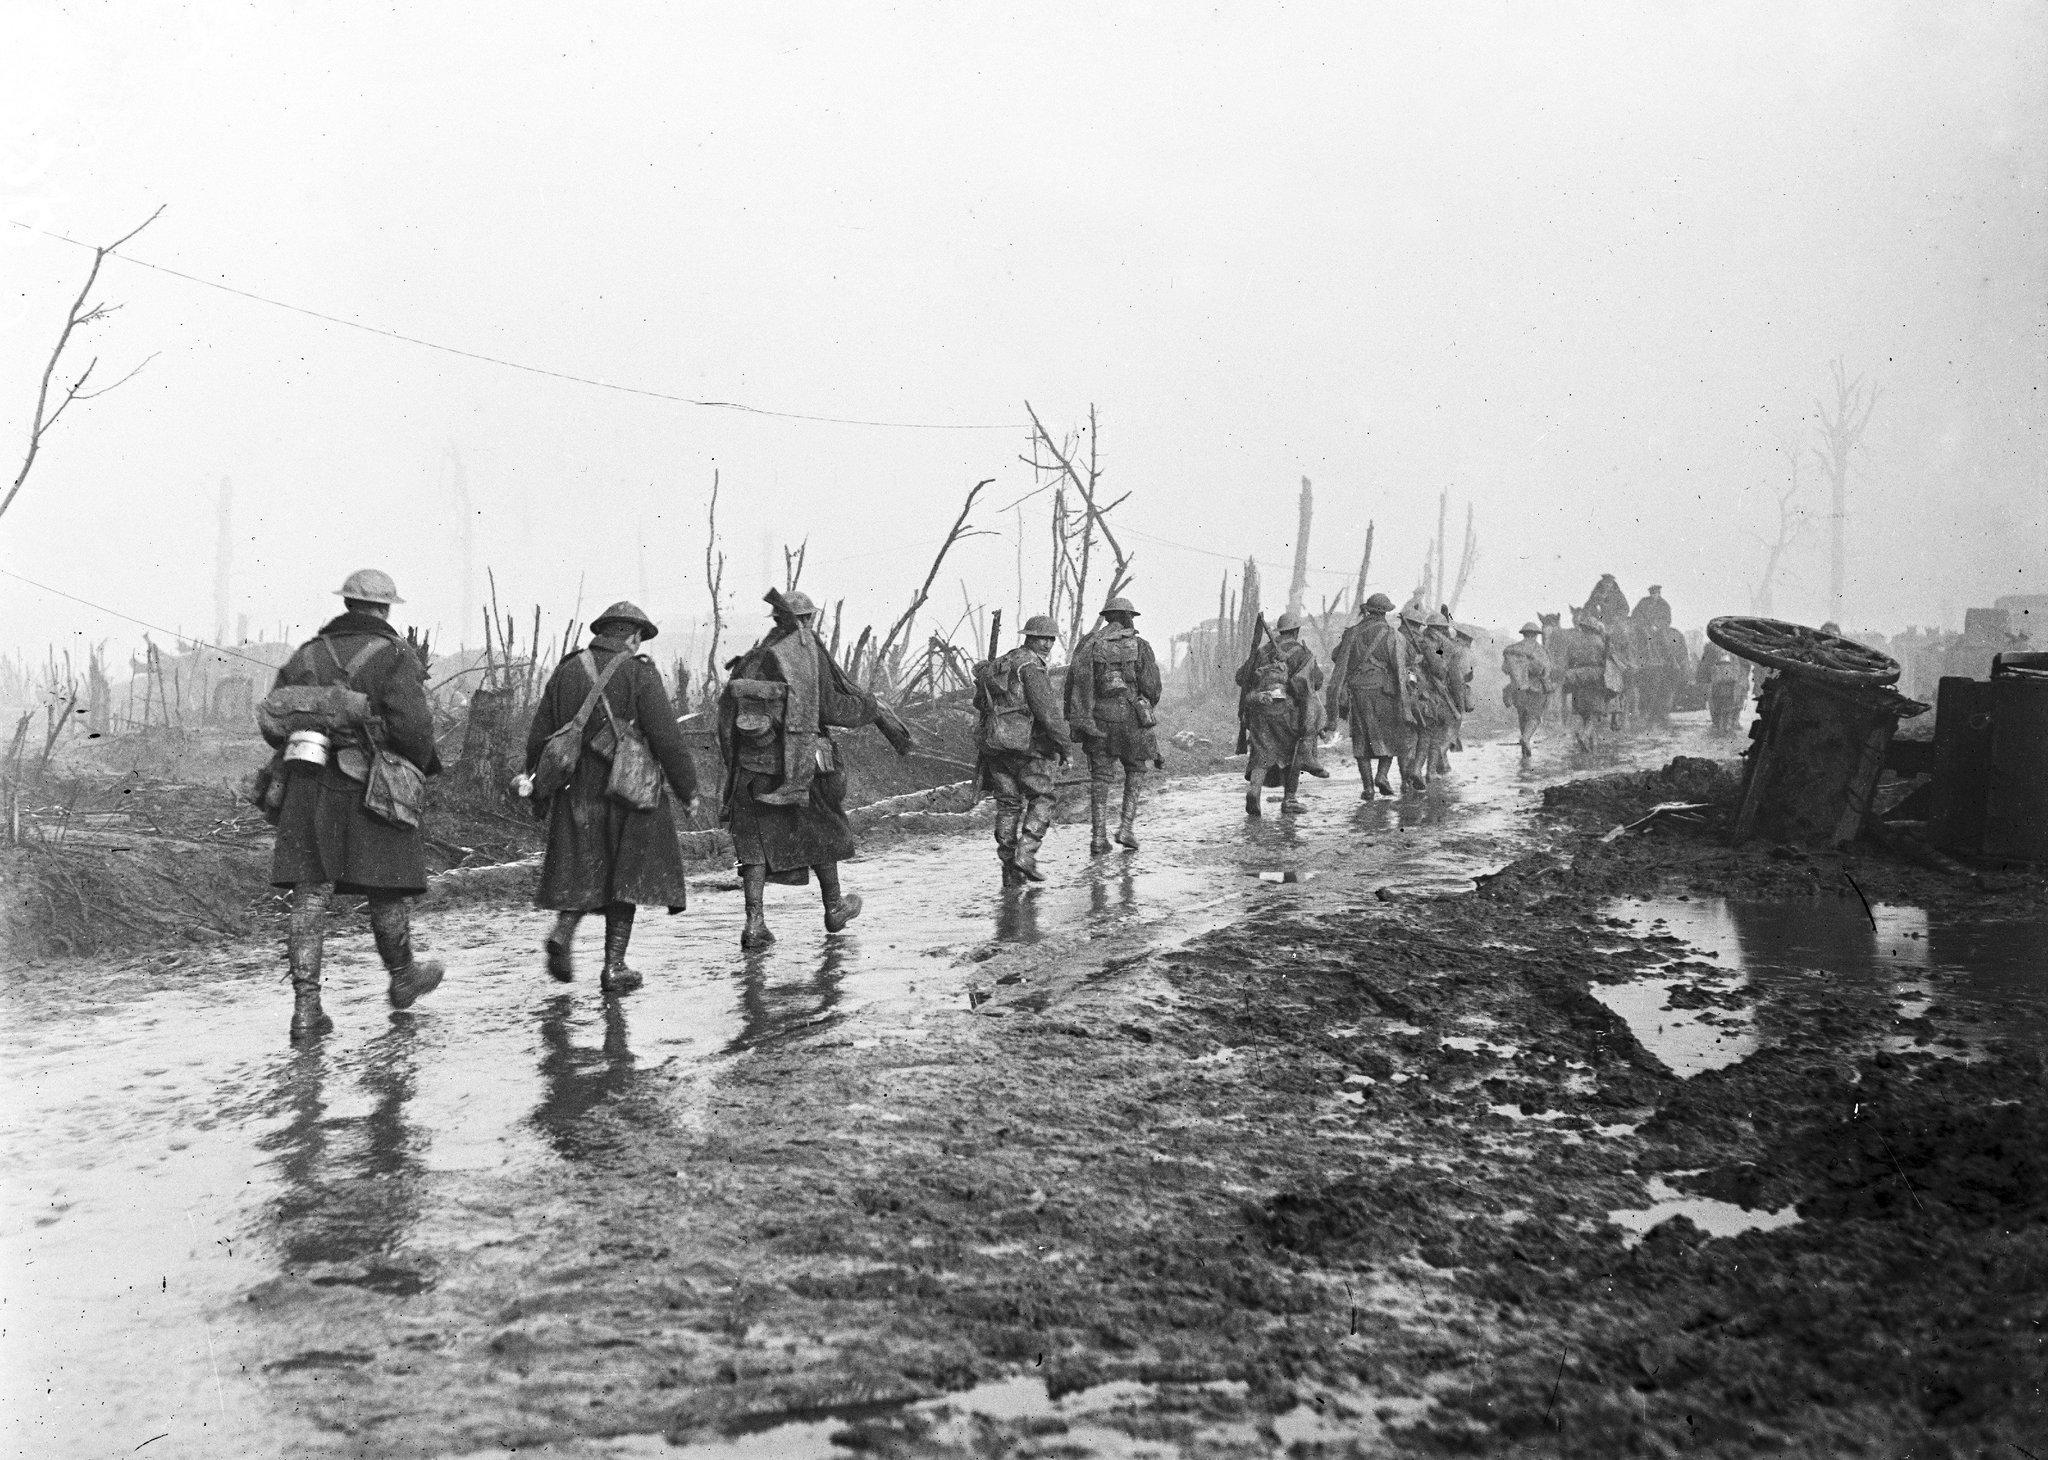 """RT <a href=""""https://twitter.com/armeedeterre"""" target=""""_blank"""">@armeedeterre</a>: Il y a cent ans, le 1er juillet 1916, commençait la bataille de la Somme, l'inconnue... <a href=""""https://t.co/oOnLQNXAxp"""" target=""""_blank"""">https://t.co/oOnLQNXAxp</a><a href=""""https://twitter.com/search?q=1GM&src=typd"""" target=""""_blank"""">#1GM</a> http…"""